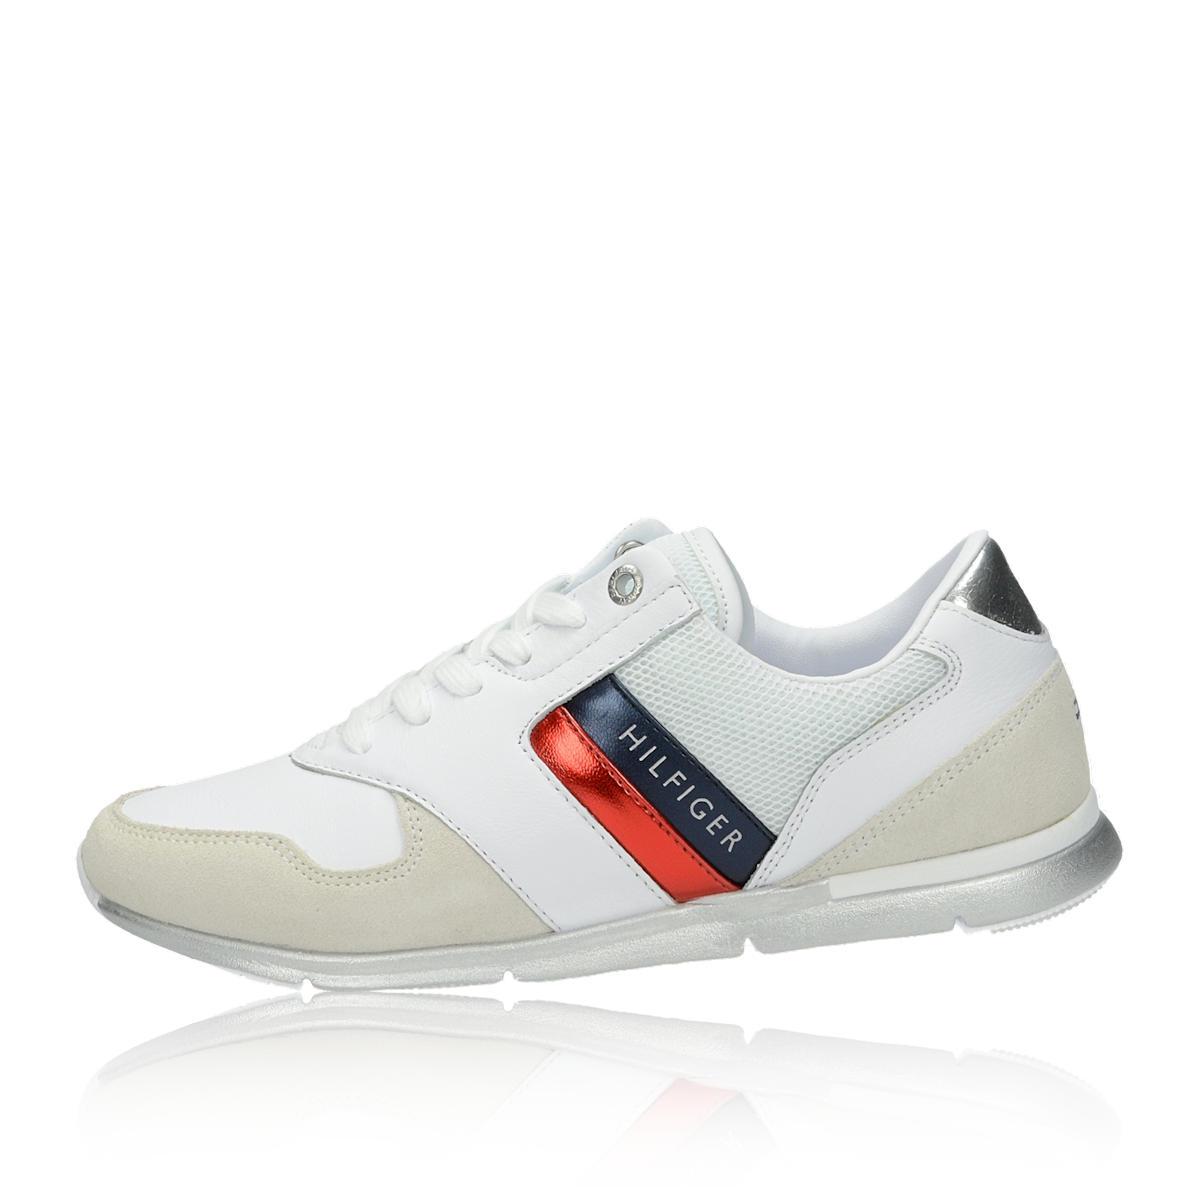 87eec71125 ... Tommy Hilfiger dámske štýlové tenisky - biele ...